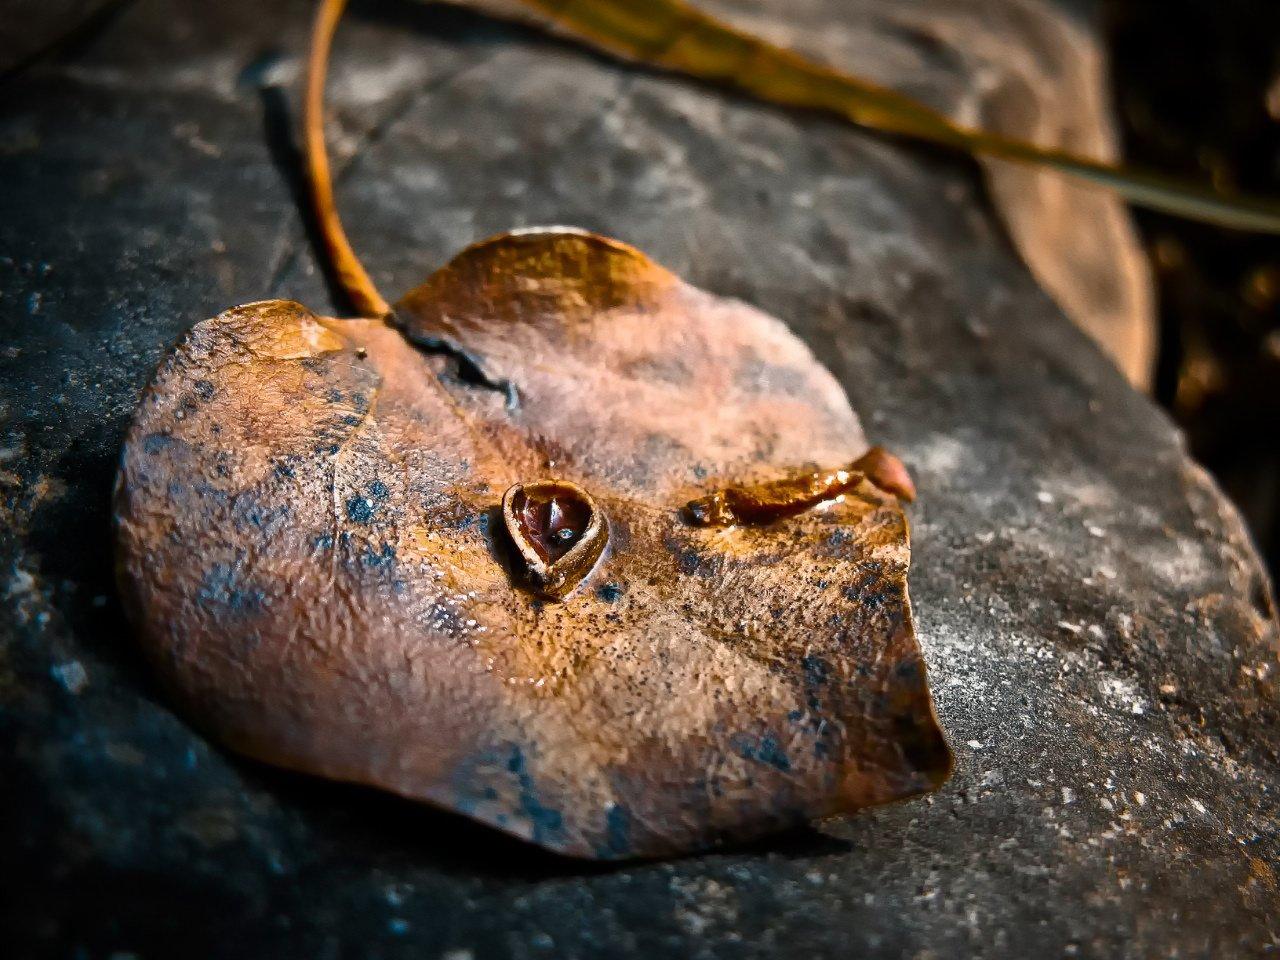 осень,макро,лист,камень,золотой,желтый,опавший,природа,крым,россия,осенний лист,день,свет, Elena Pakhalyuk